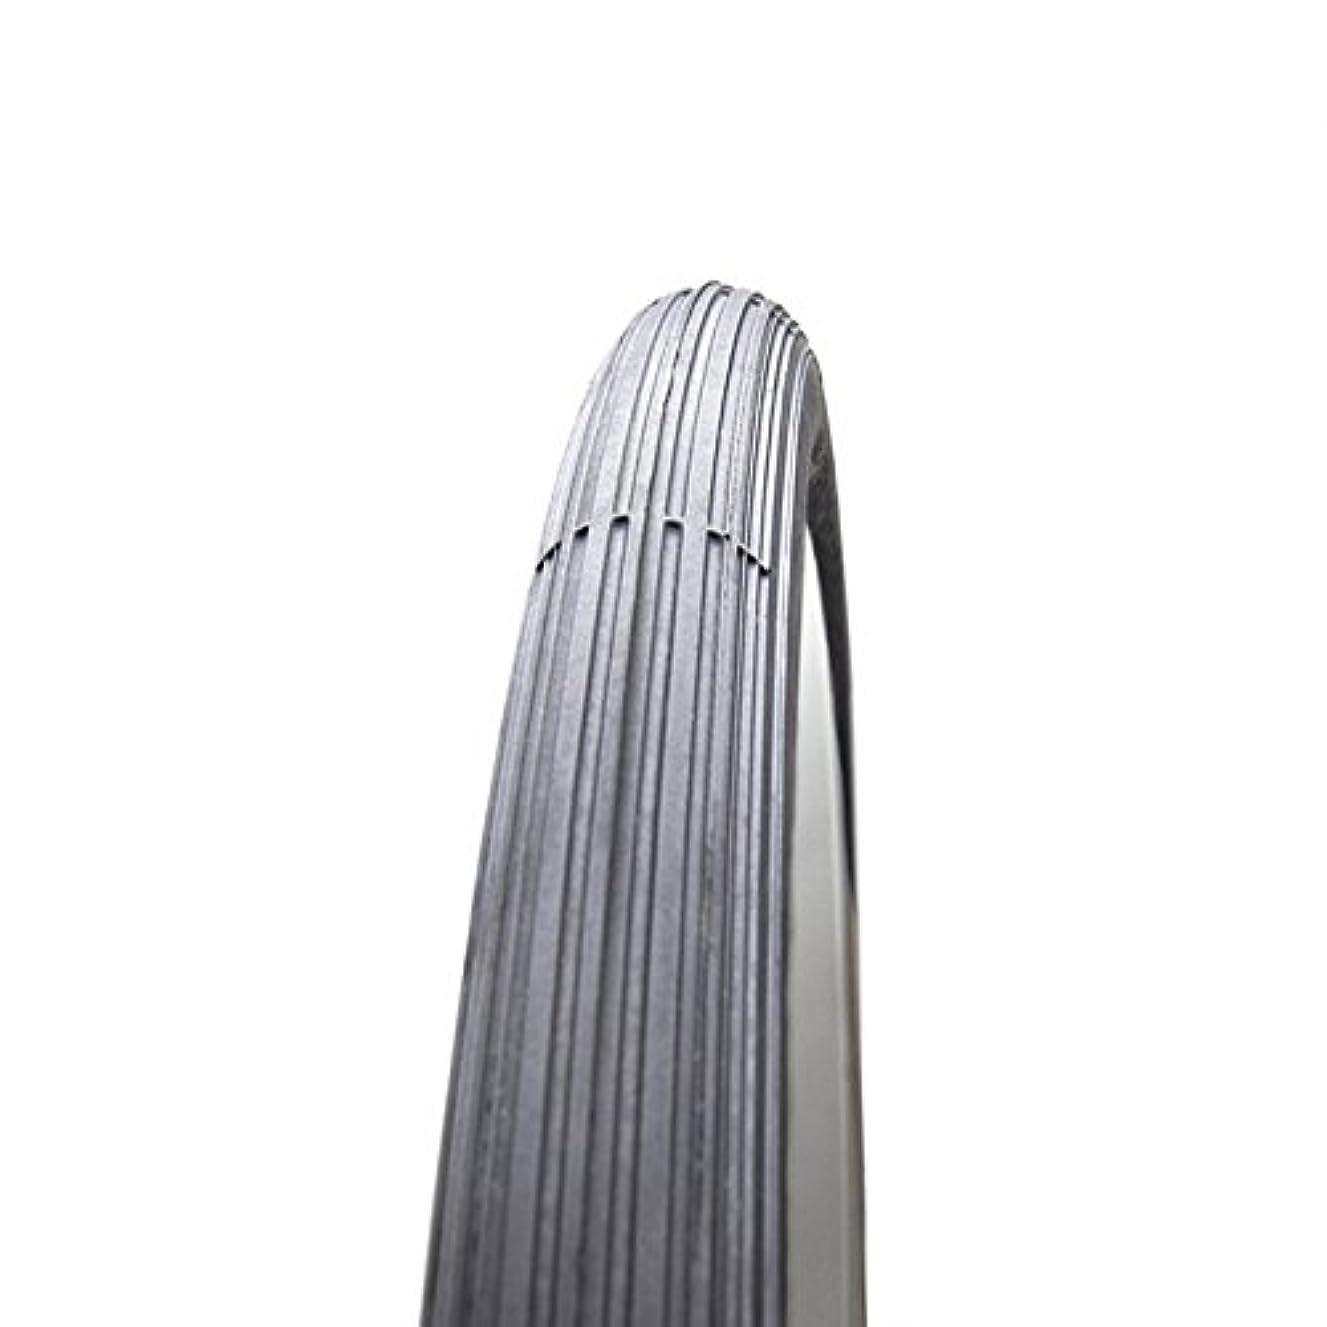 知的カウンターパート気絶させるLinus - Elysian Clincher Tire - Black - 700c x 32